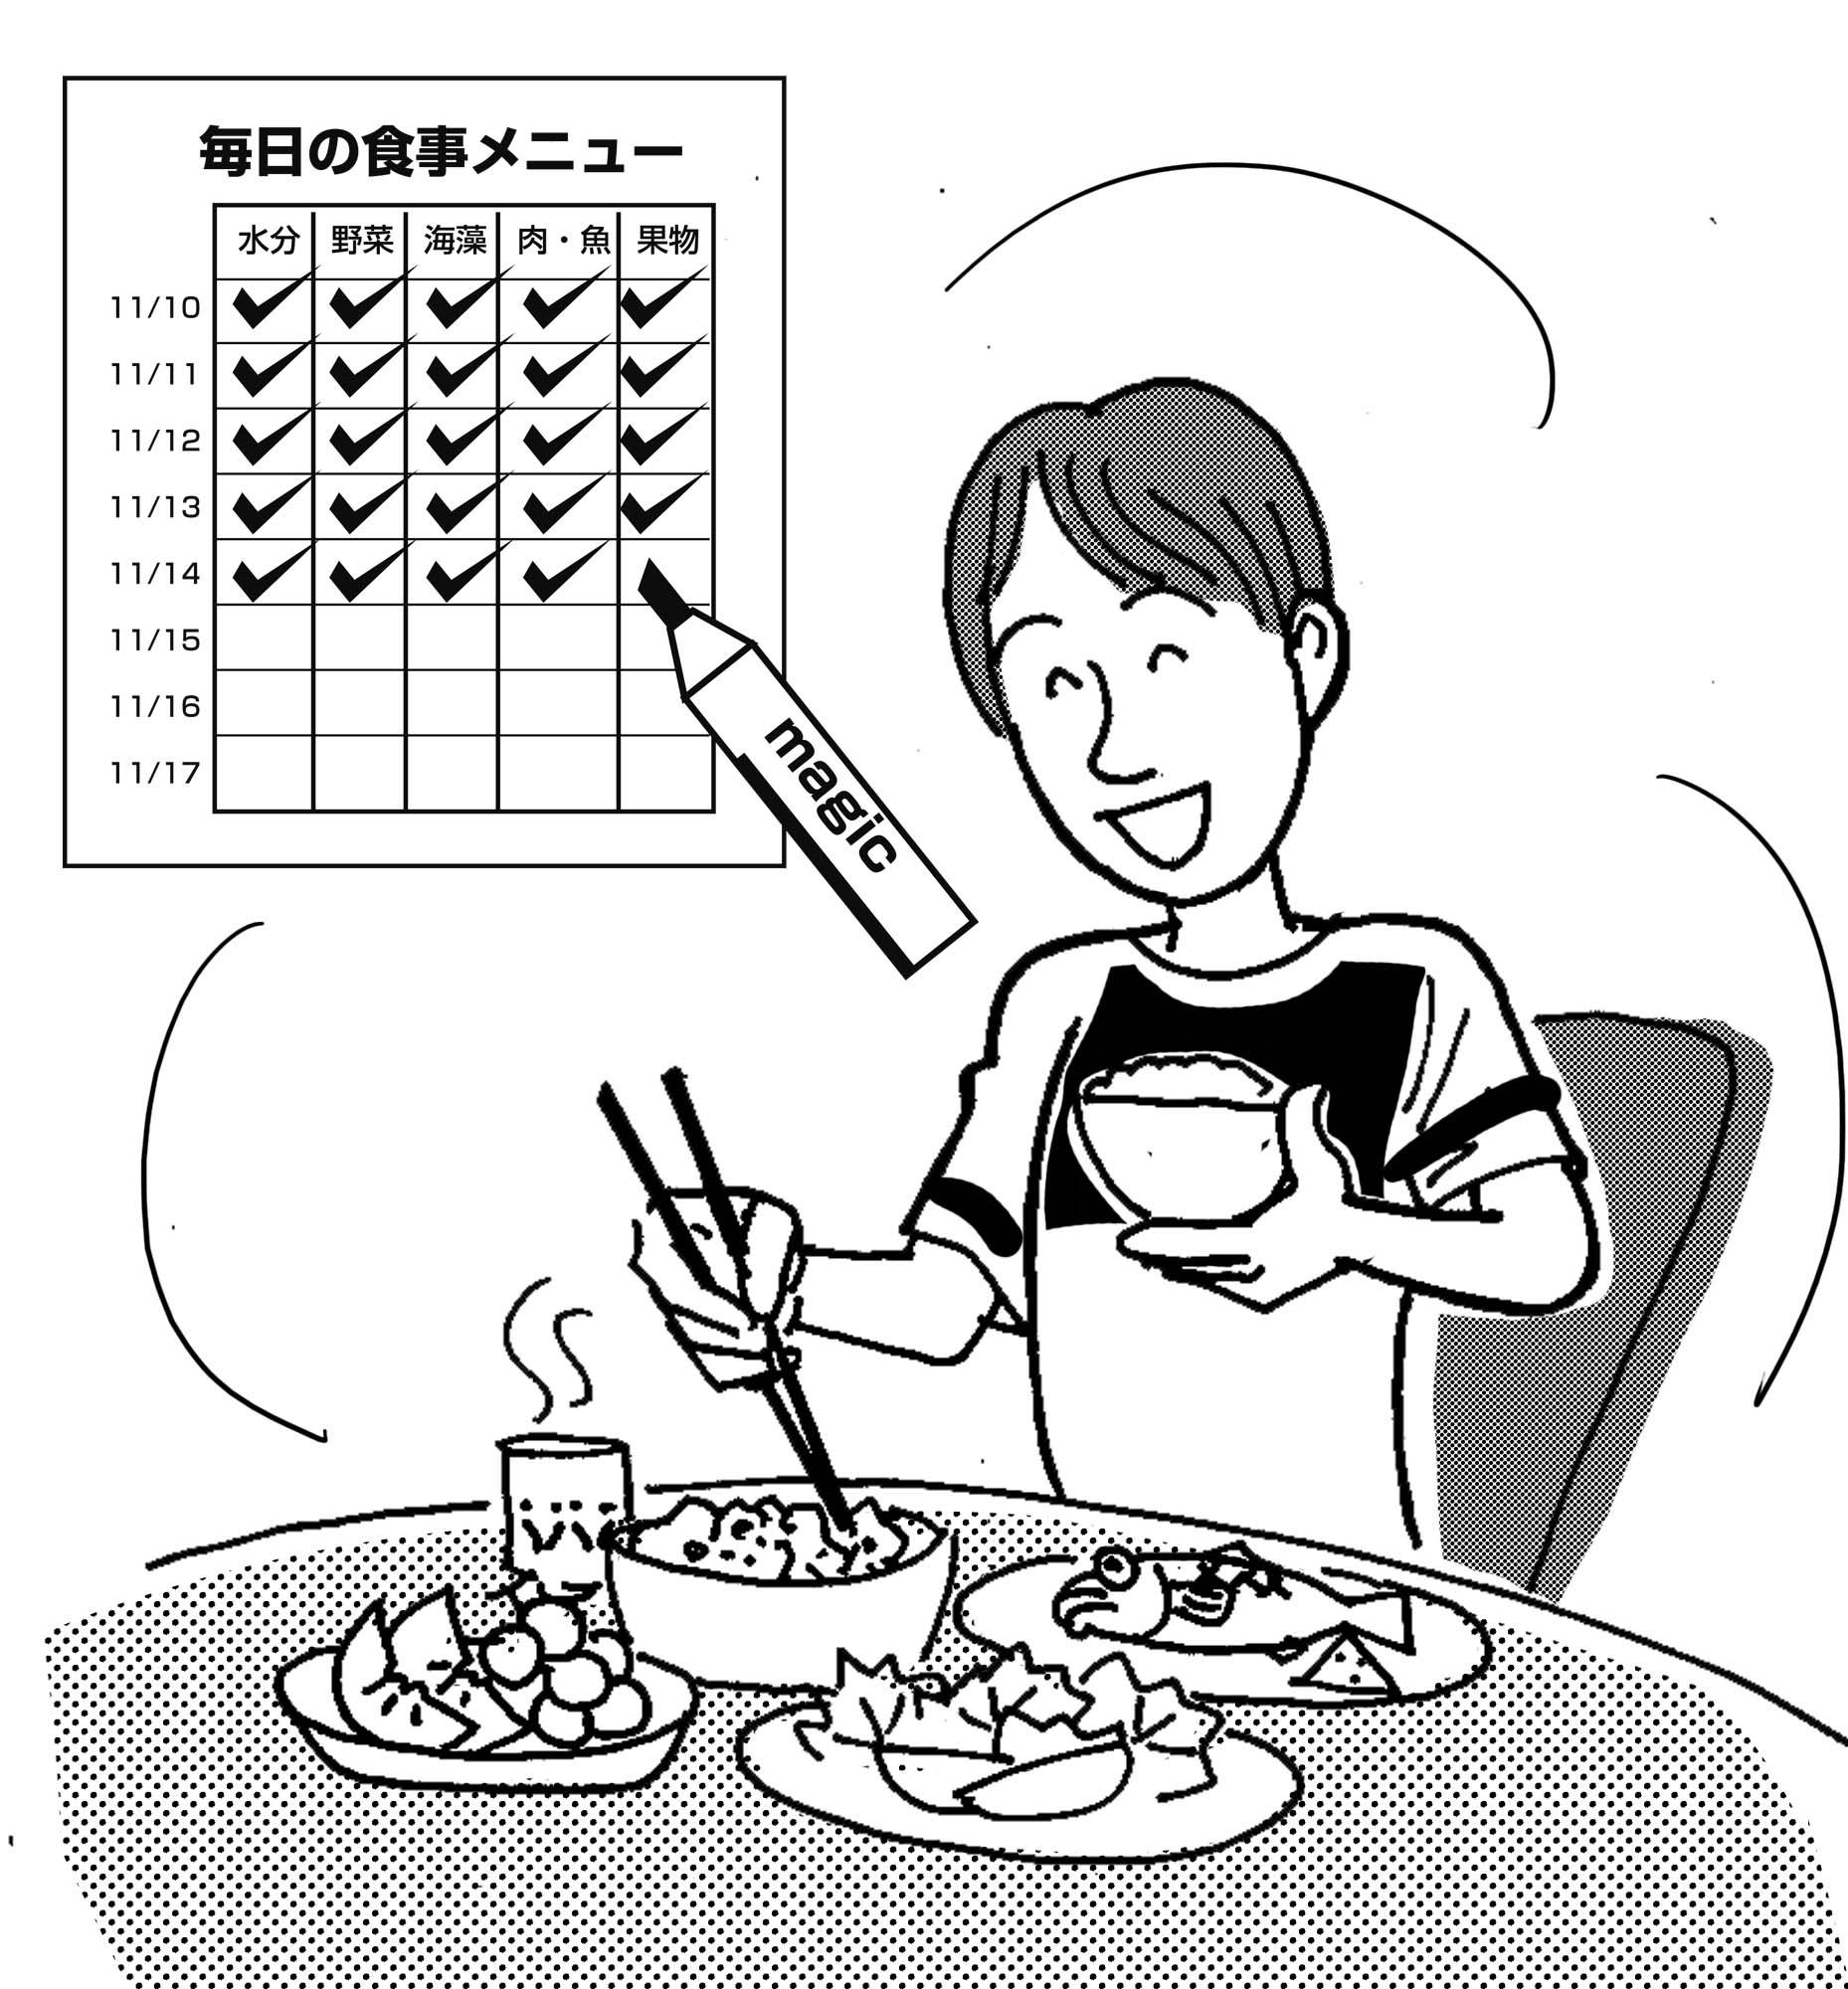 20130909健康【尿管結石と食事】